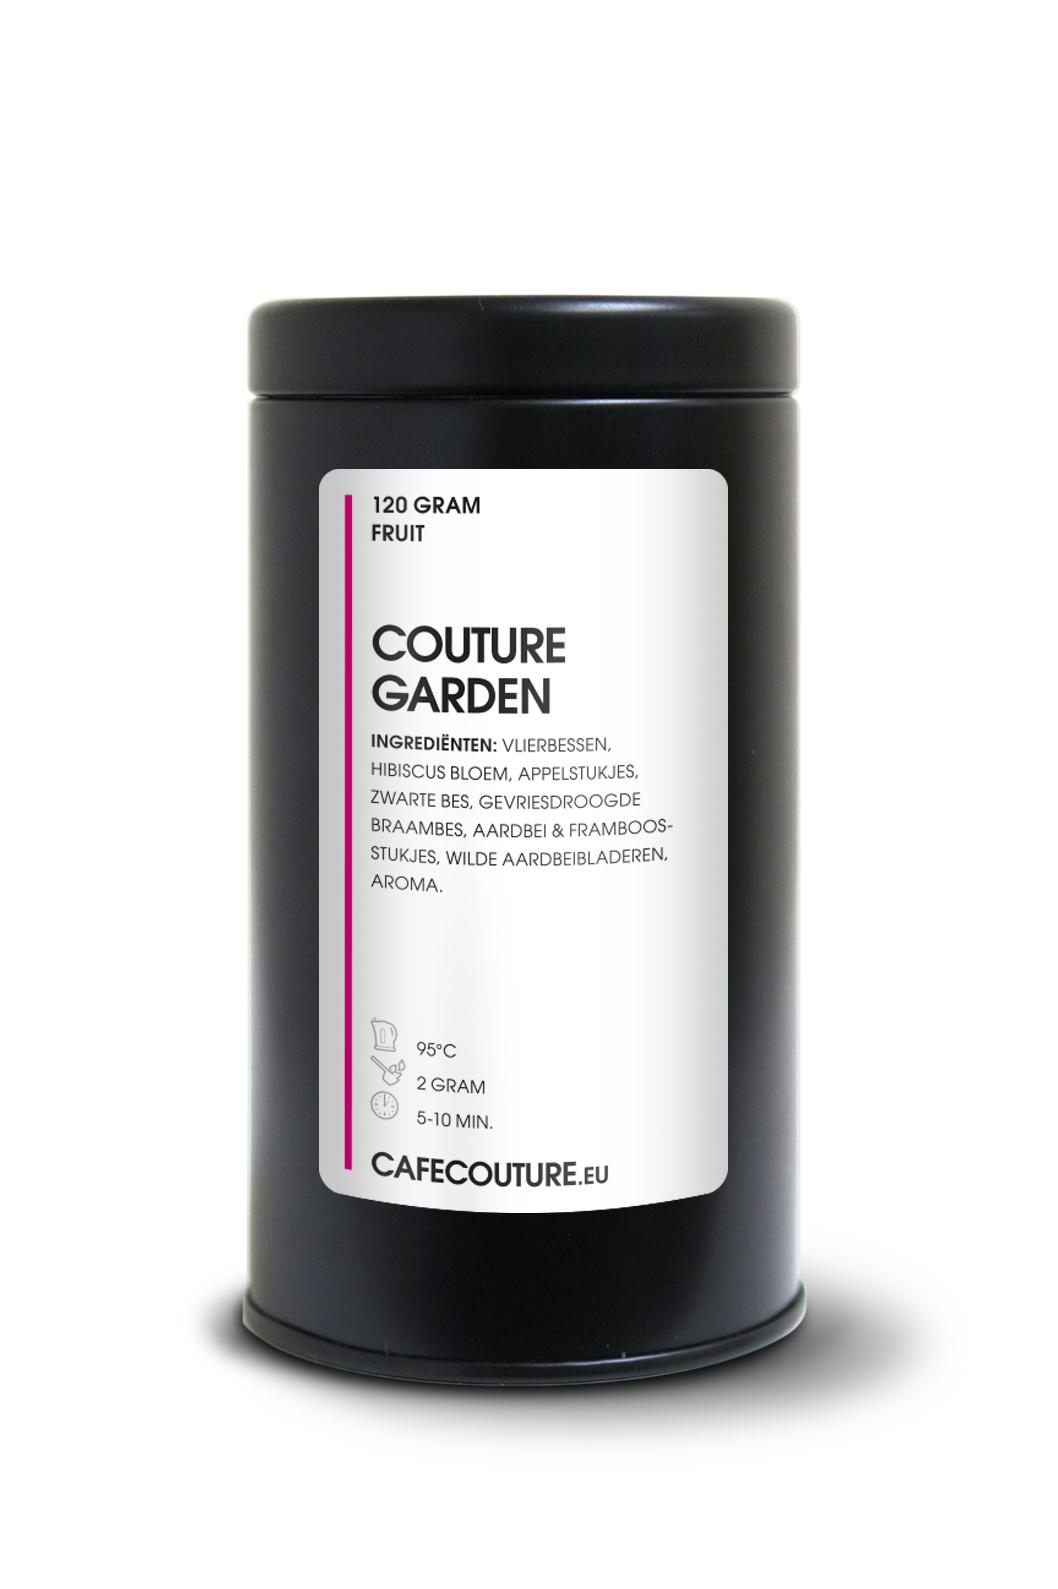 Couture Garden